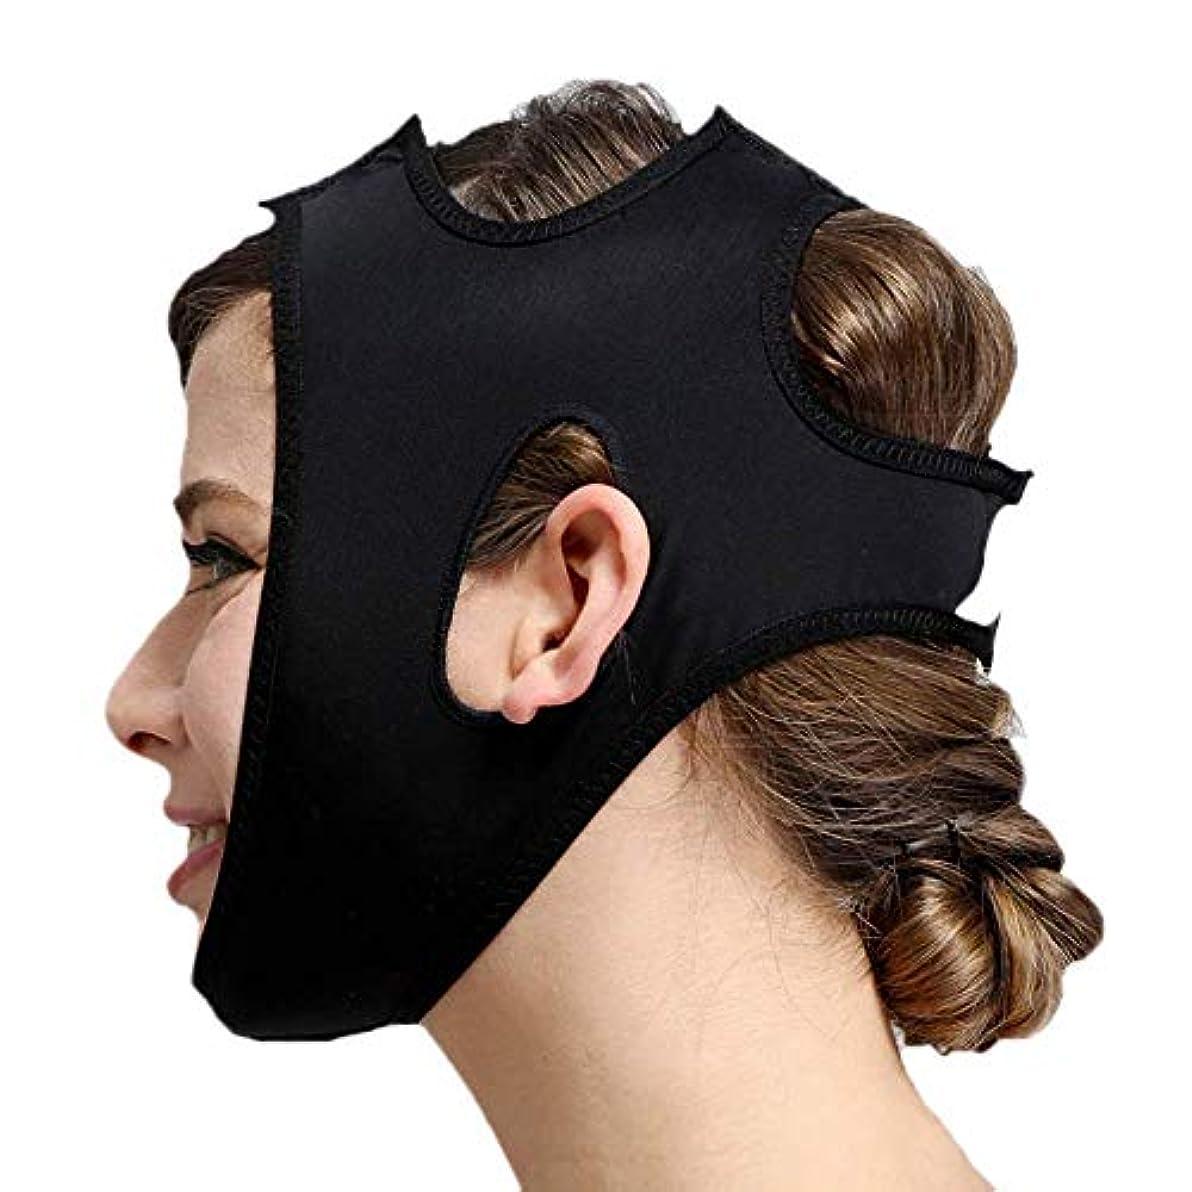 フェイススリミングマスク、快適さと通気性、フェイシャルリフティング、輪郭の改善された硬さ、ファーミングとリフティングフェイス(カラー:ブラック、サイズ:XL),黒、XXL